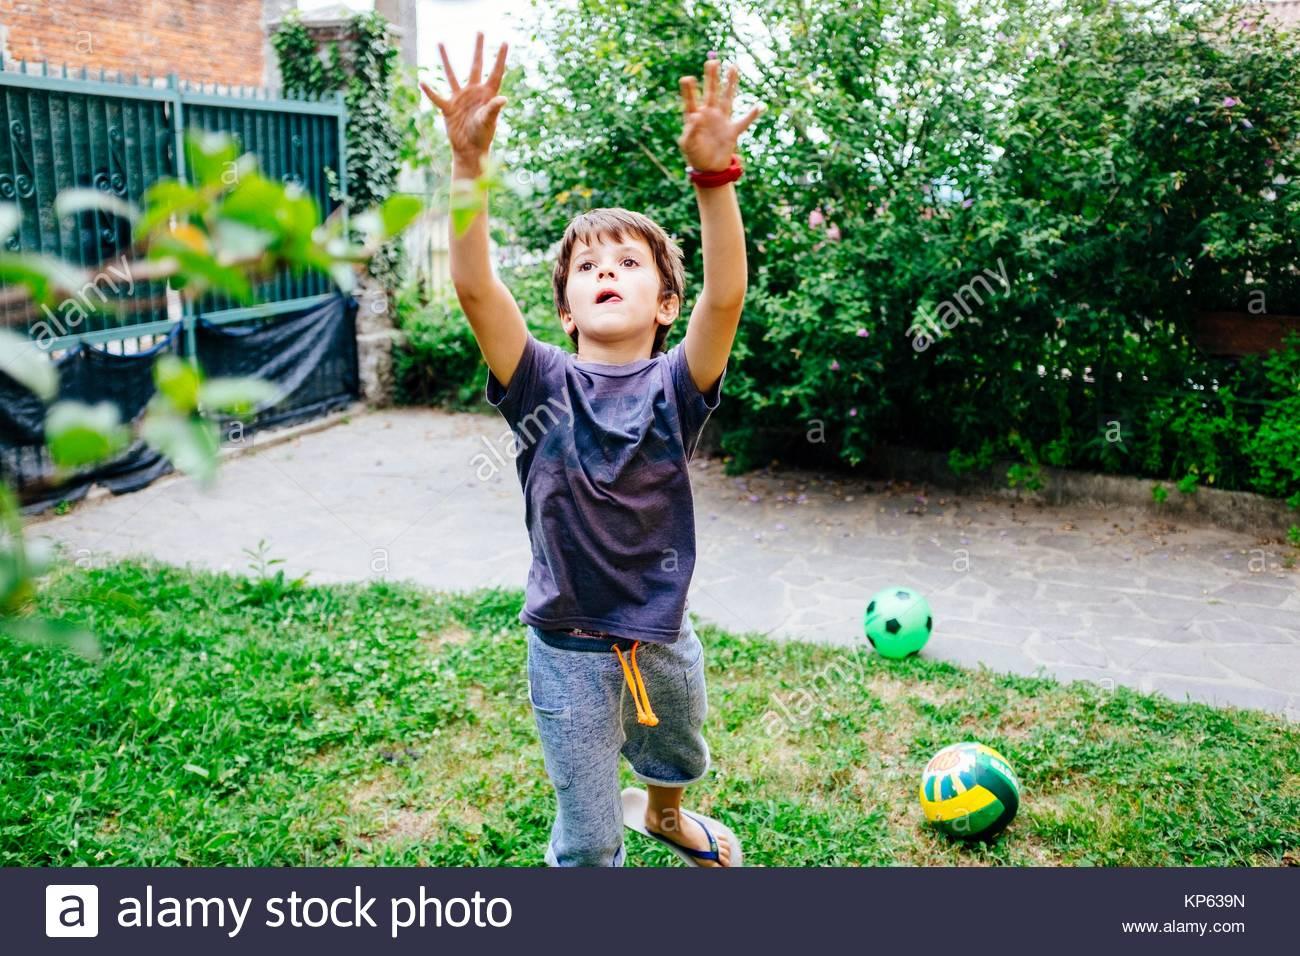 Niño juega pelota en el jardín de la casa Imagen De Stock